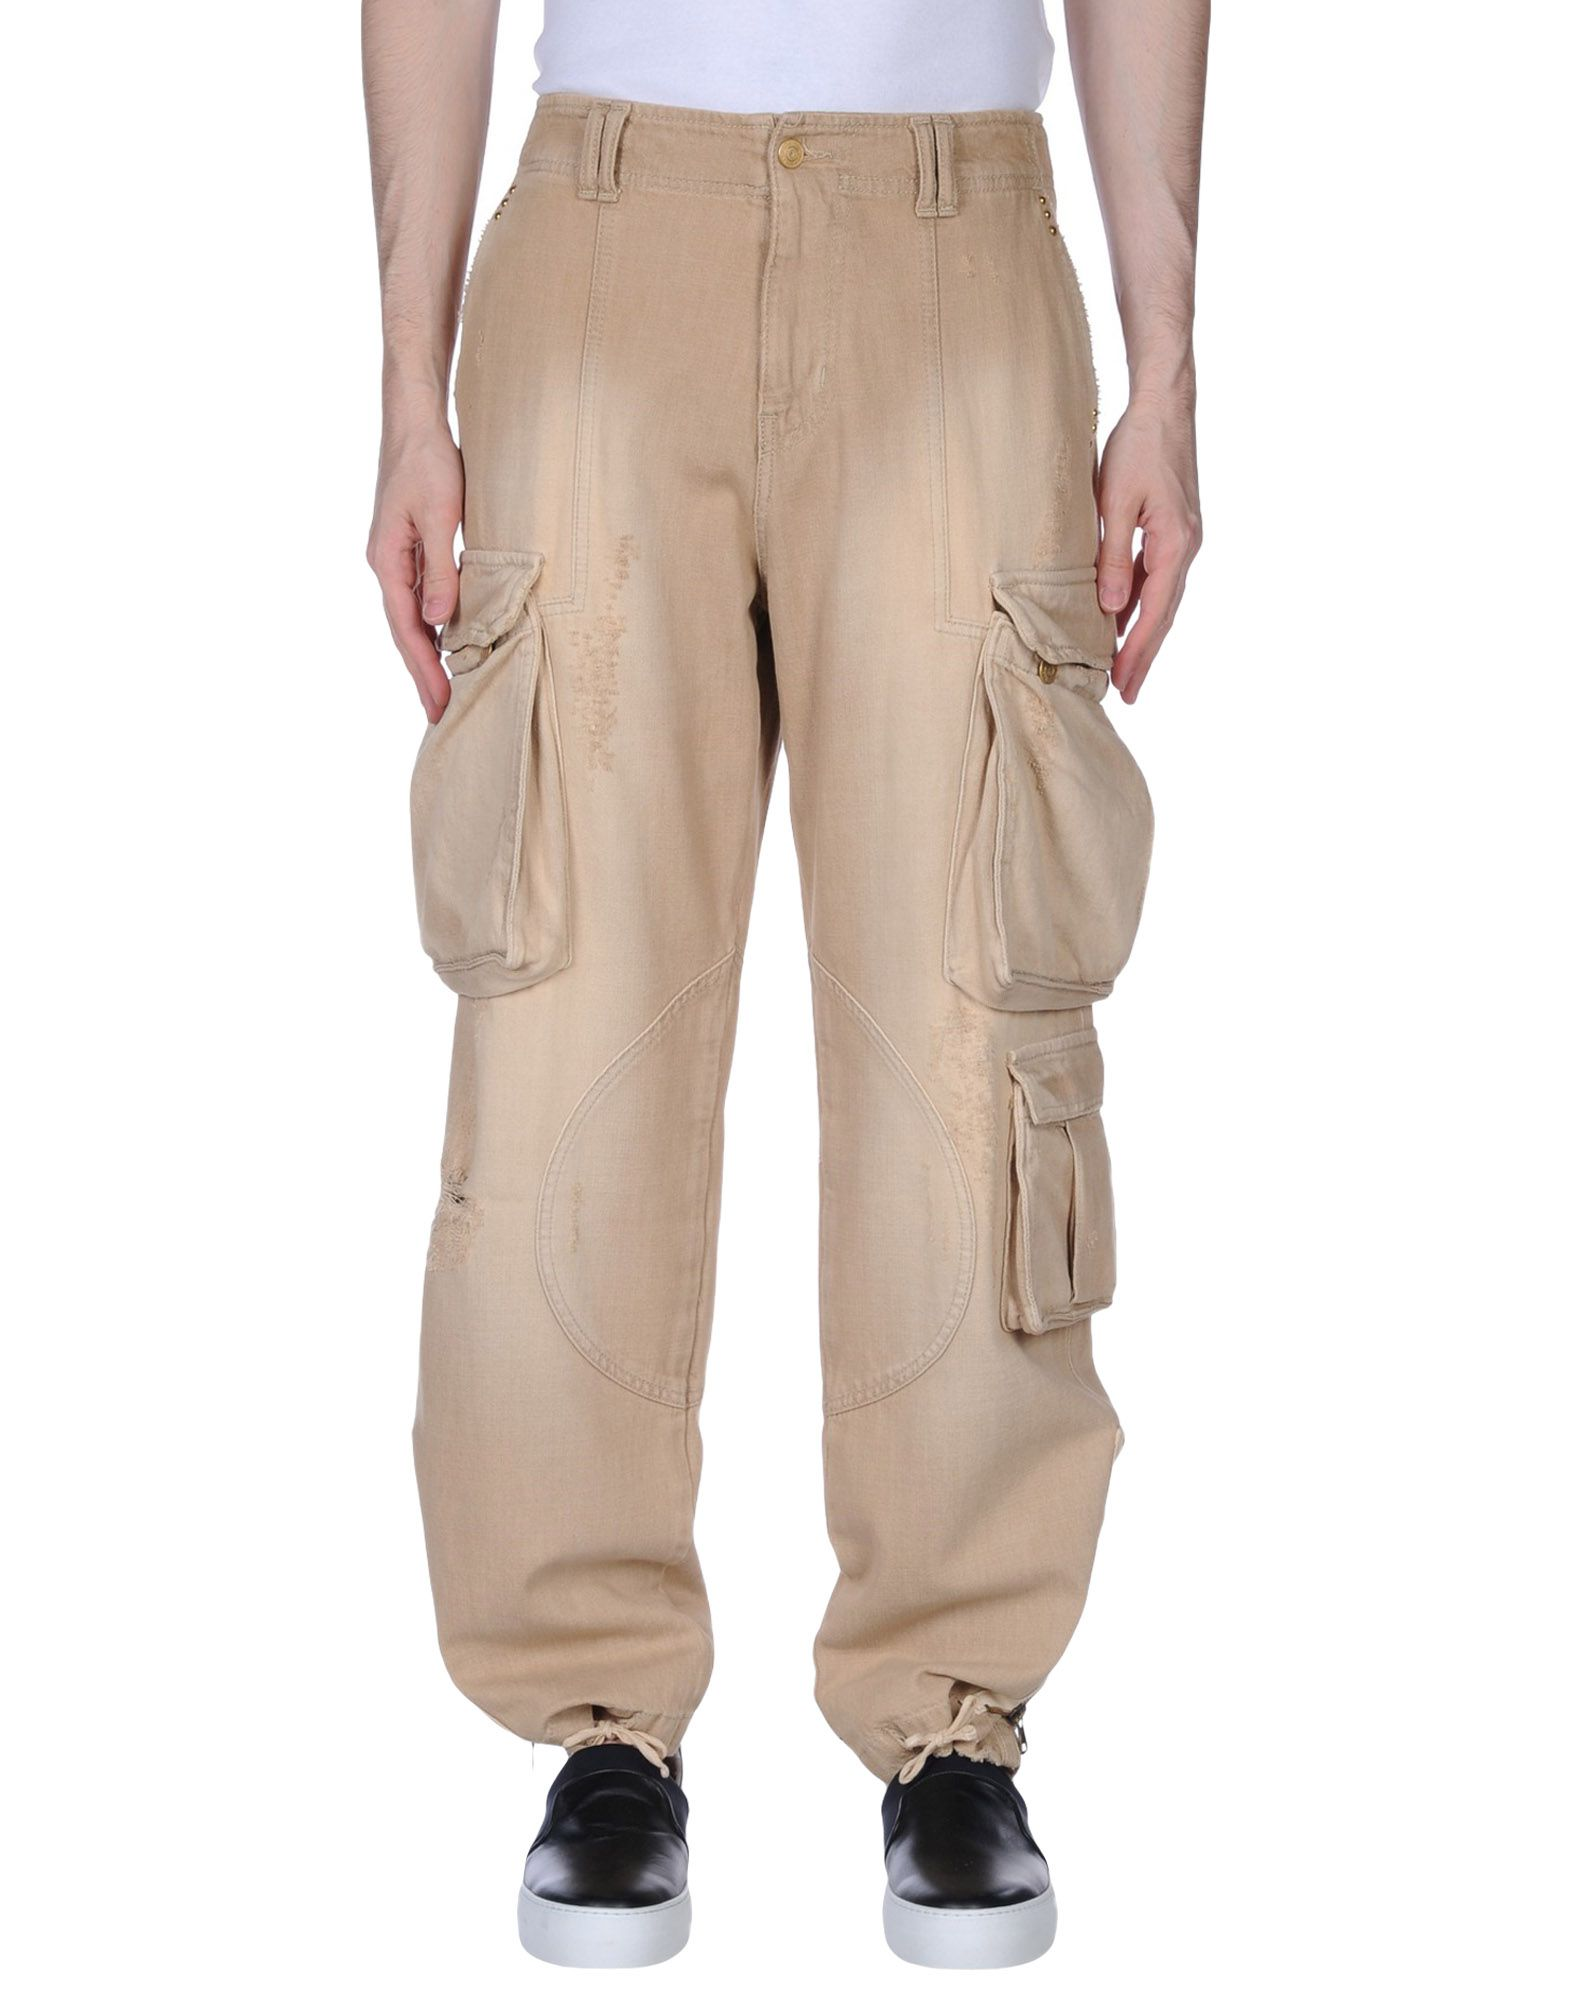 BAD SPIRIT Джинсовые брюки велотренажер spirit fitness xbr25 2017